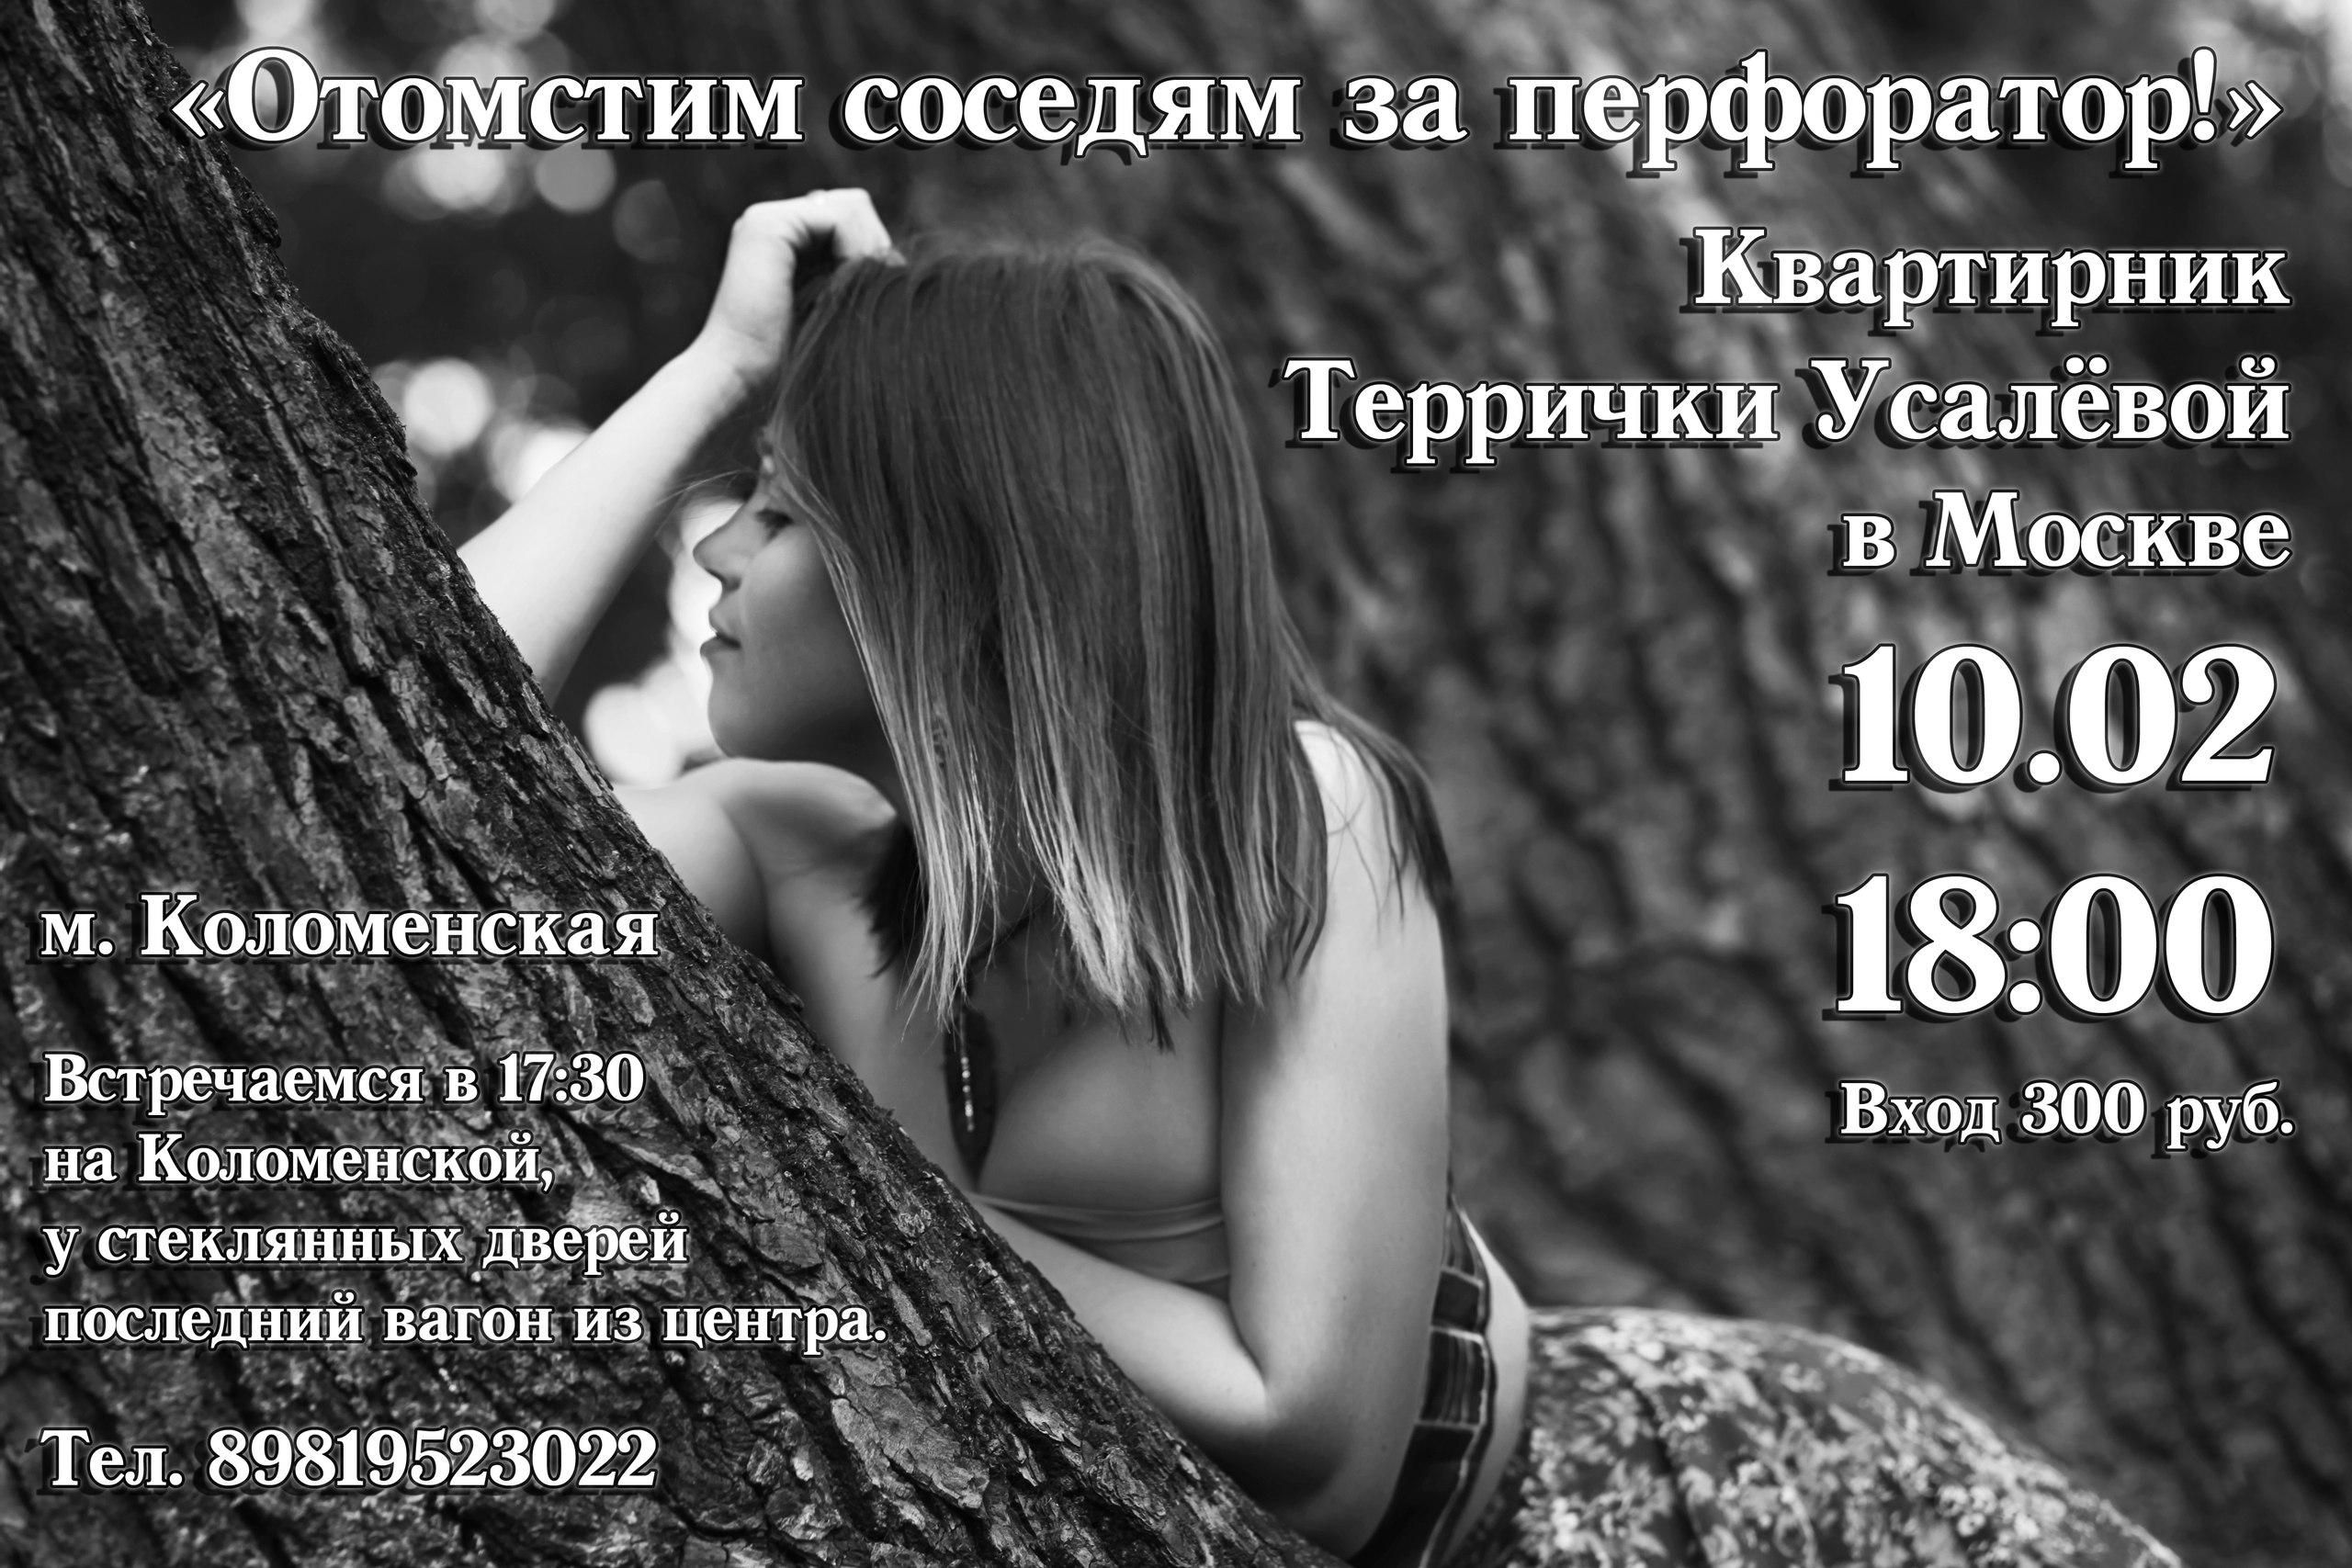 Квартирник Террички в Москве